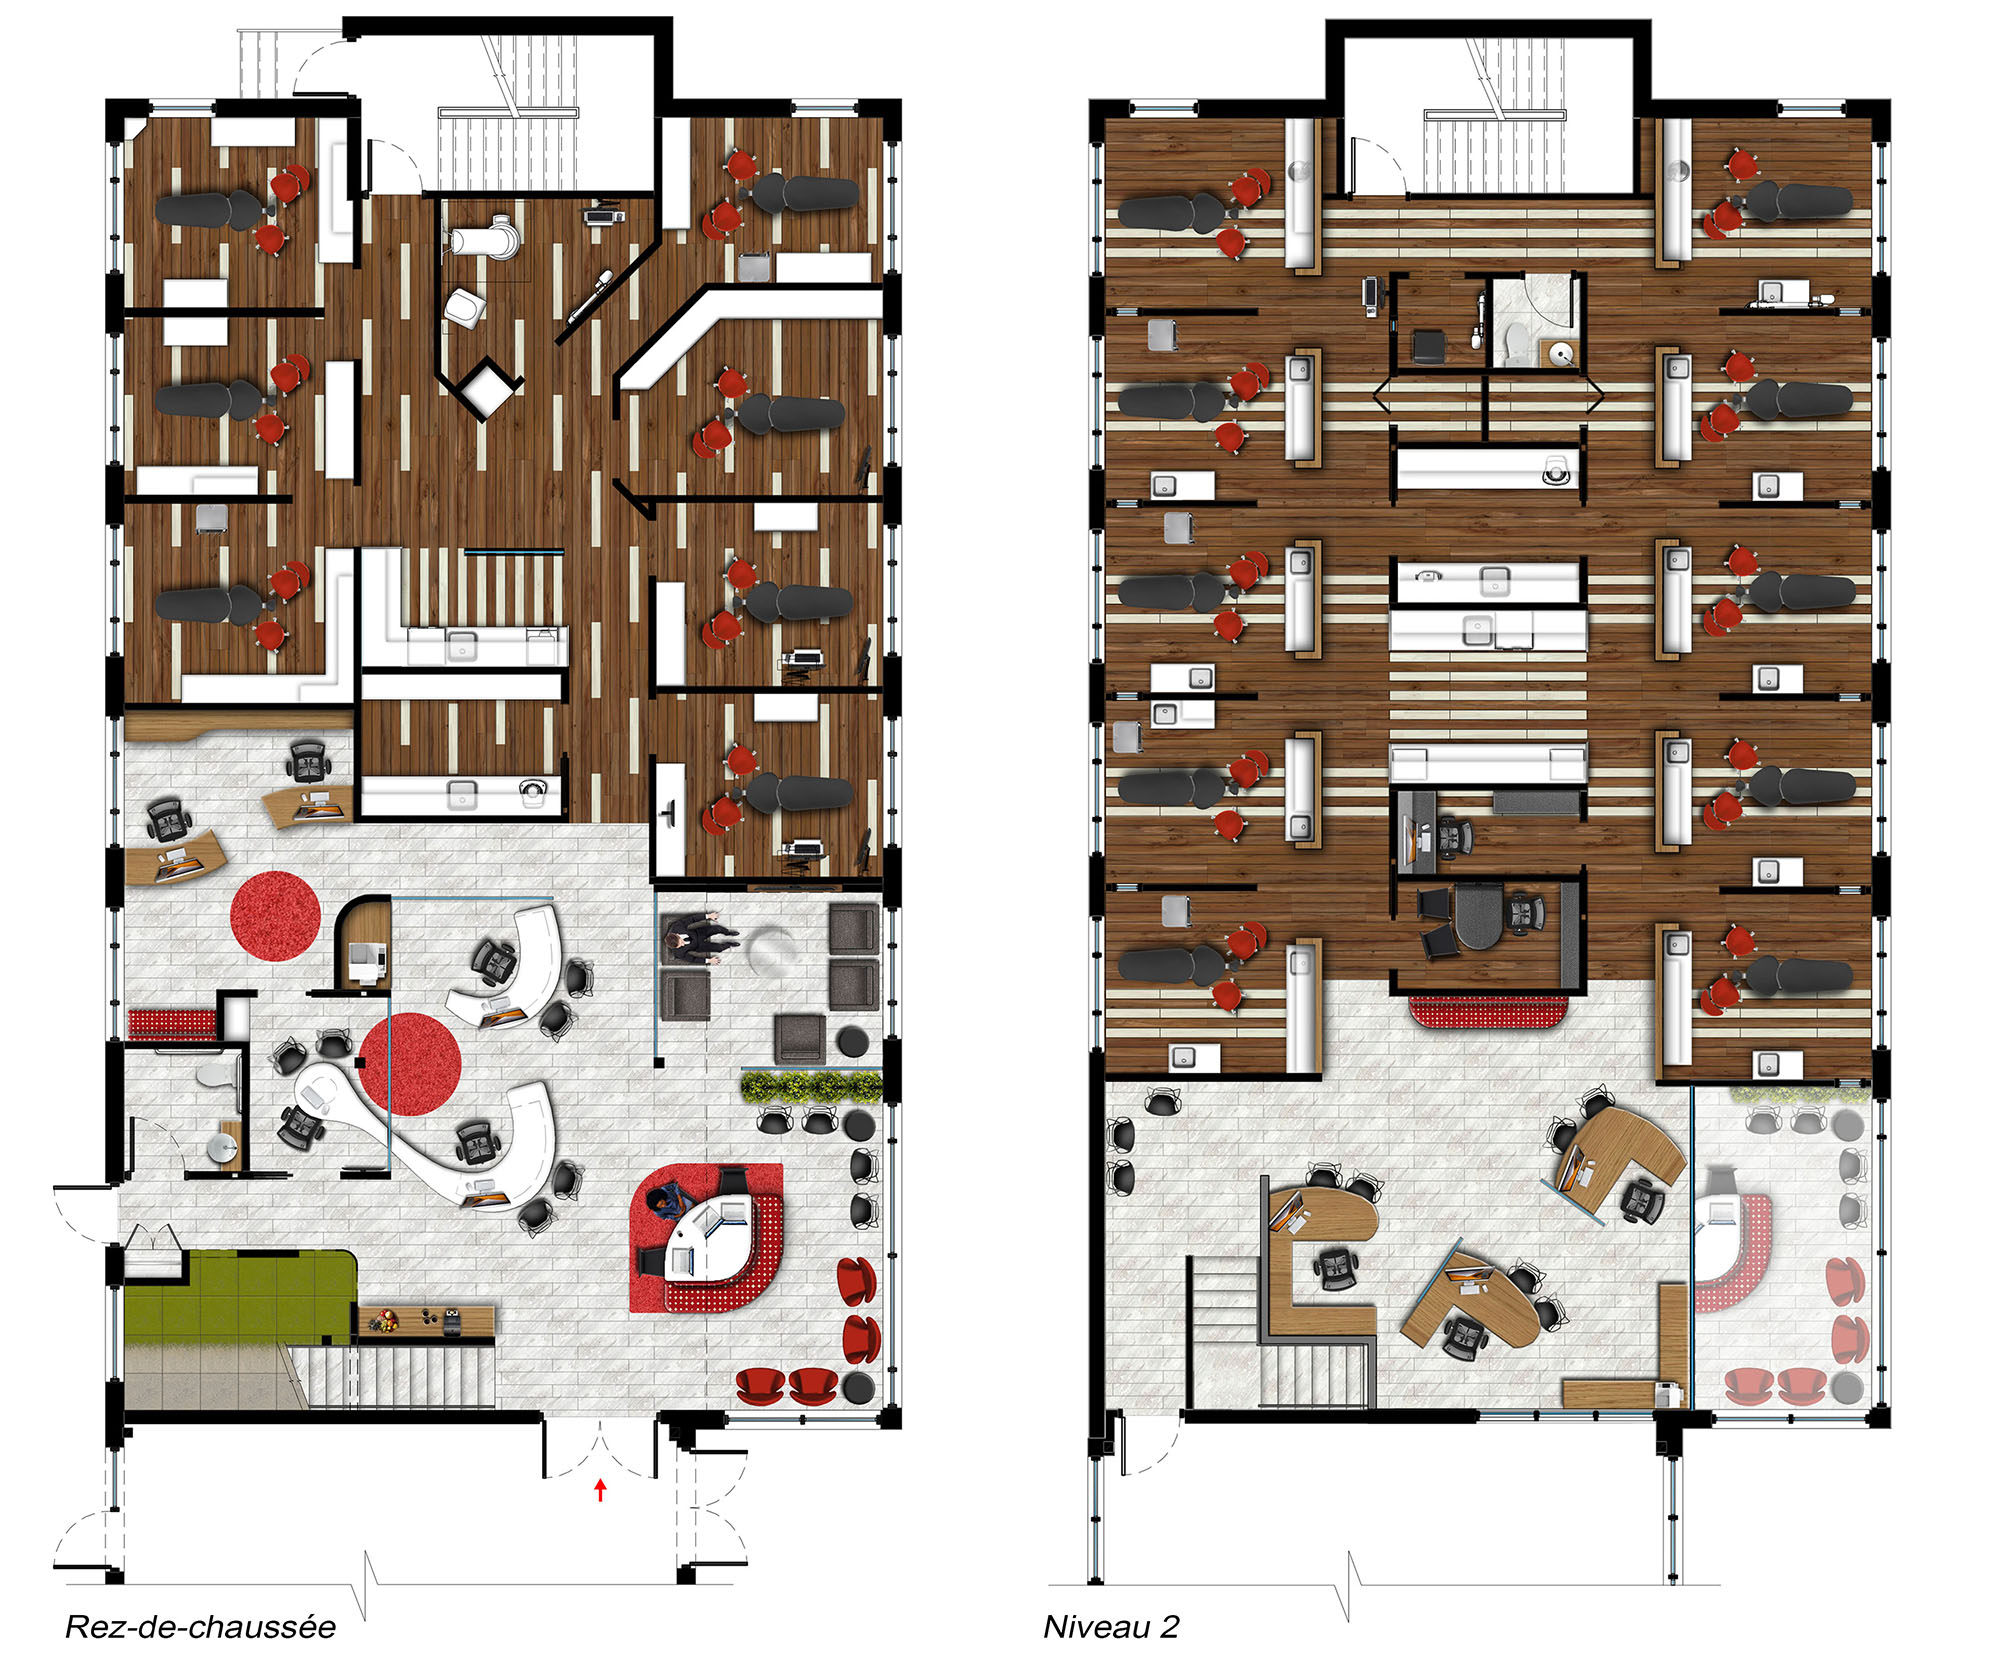 Plans d'aménagement